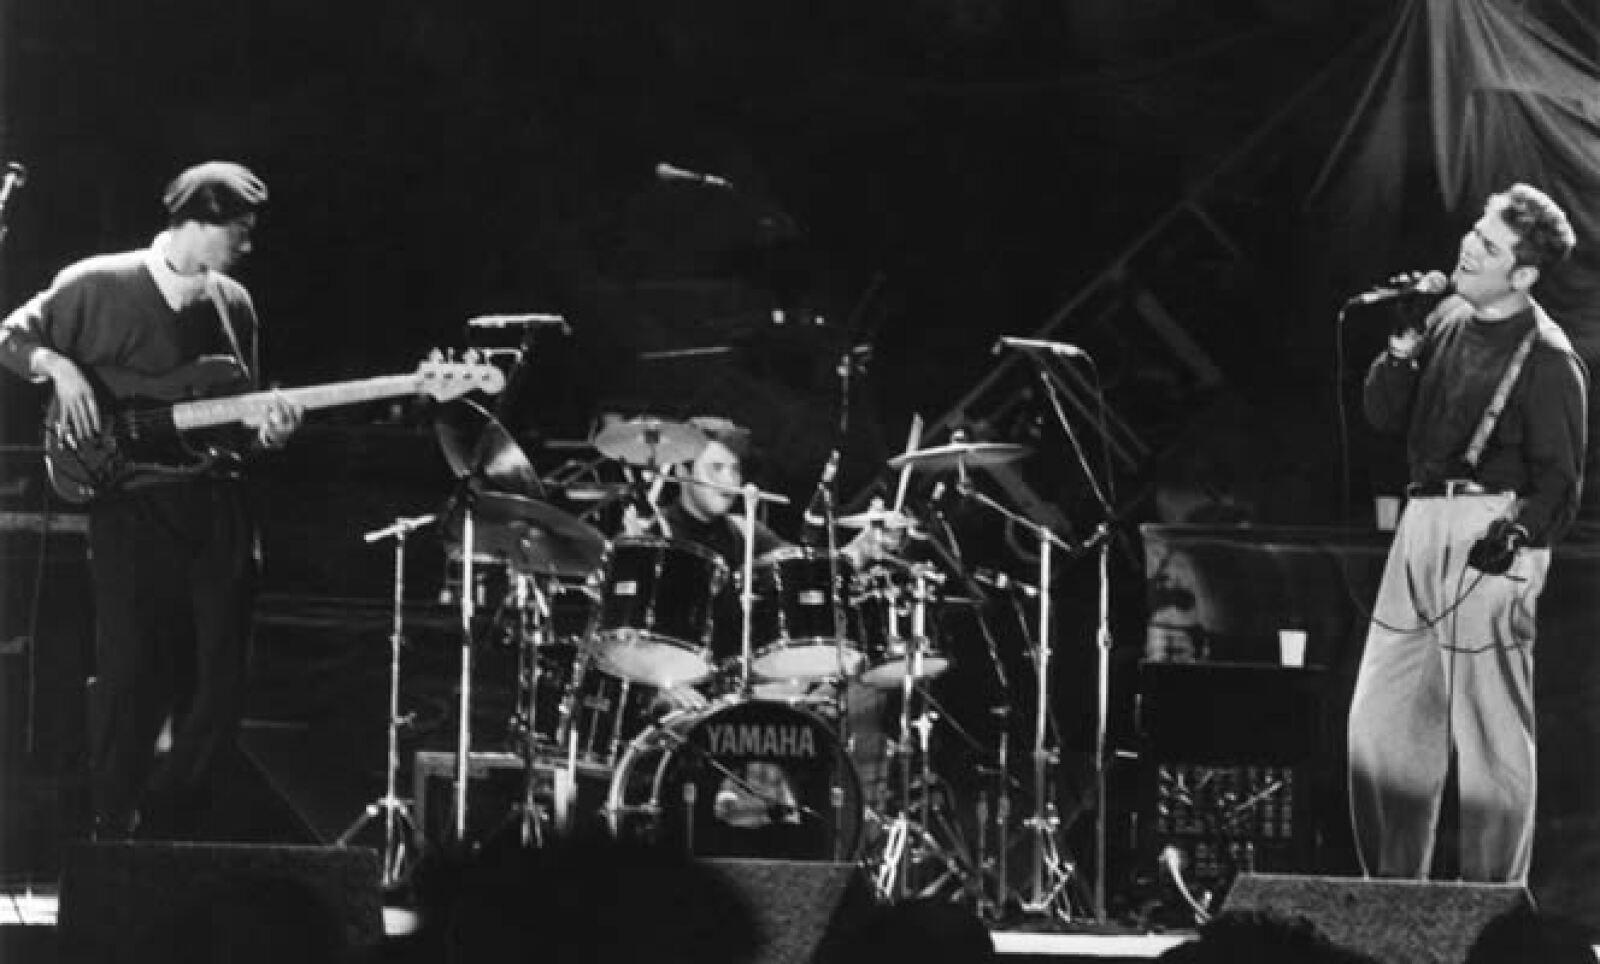 La banda australiana INXS fue el padrino de lujo y la prueba de fuego para que OCESA diera la bienvenida a la industria del entretenimiento en el país.